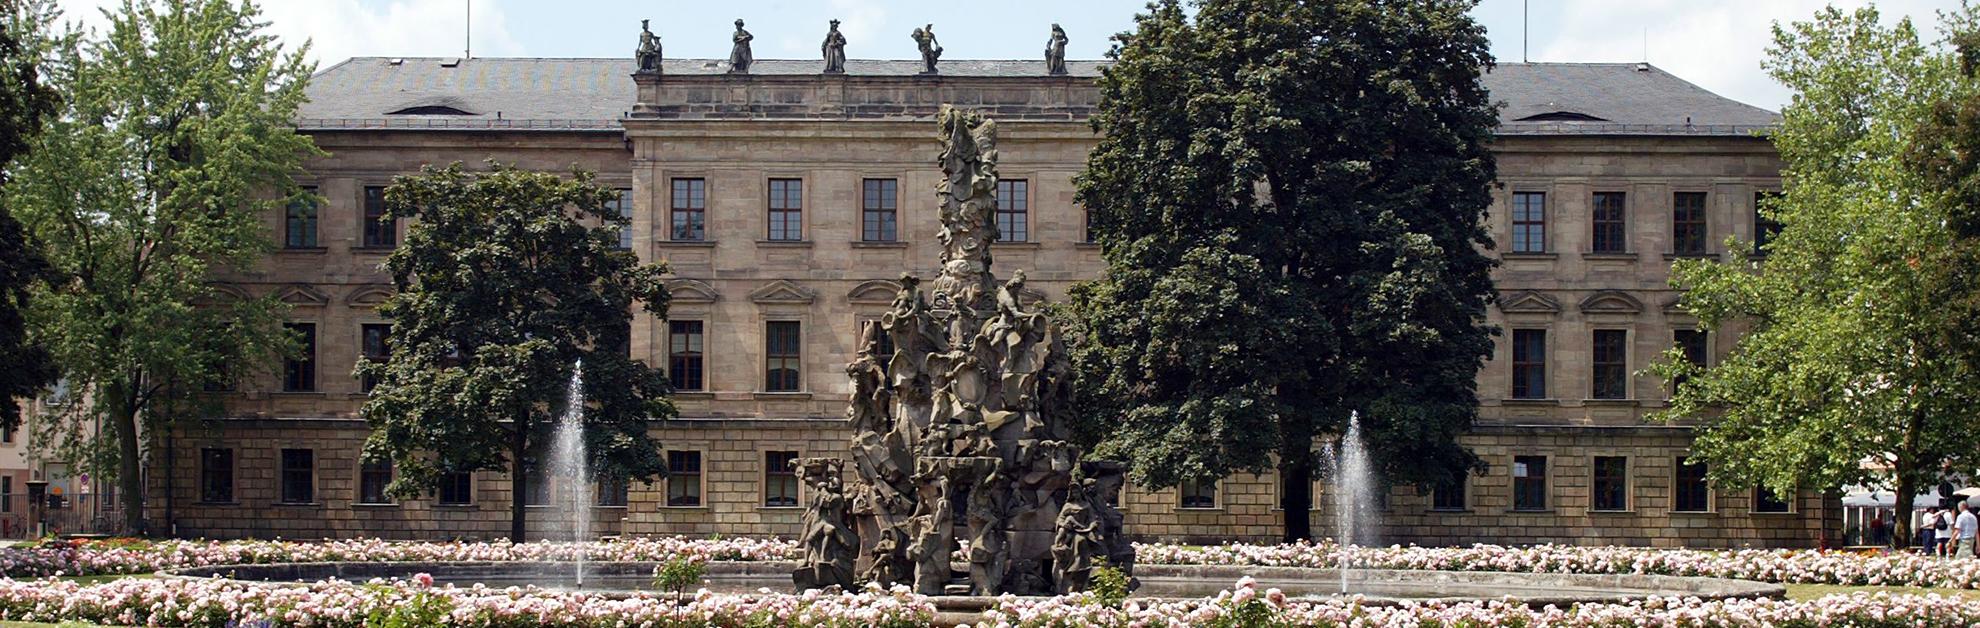 Erlanger Schloss (Bild: Erich Malter)